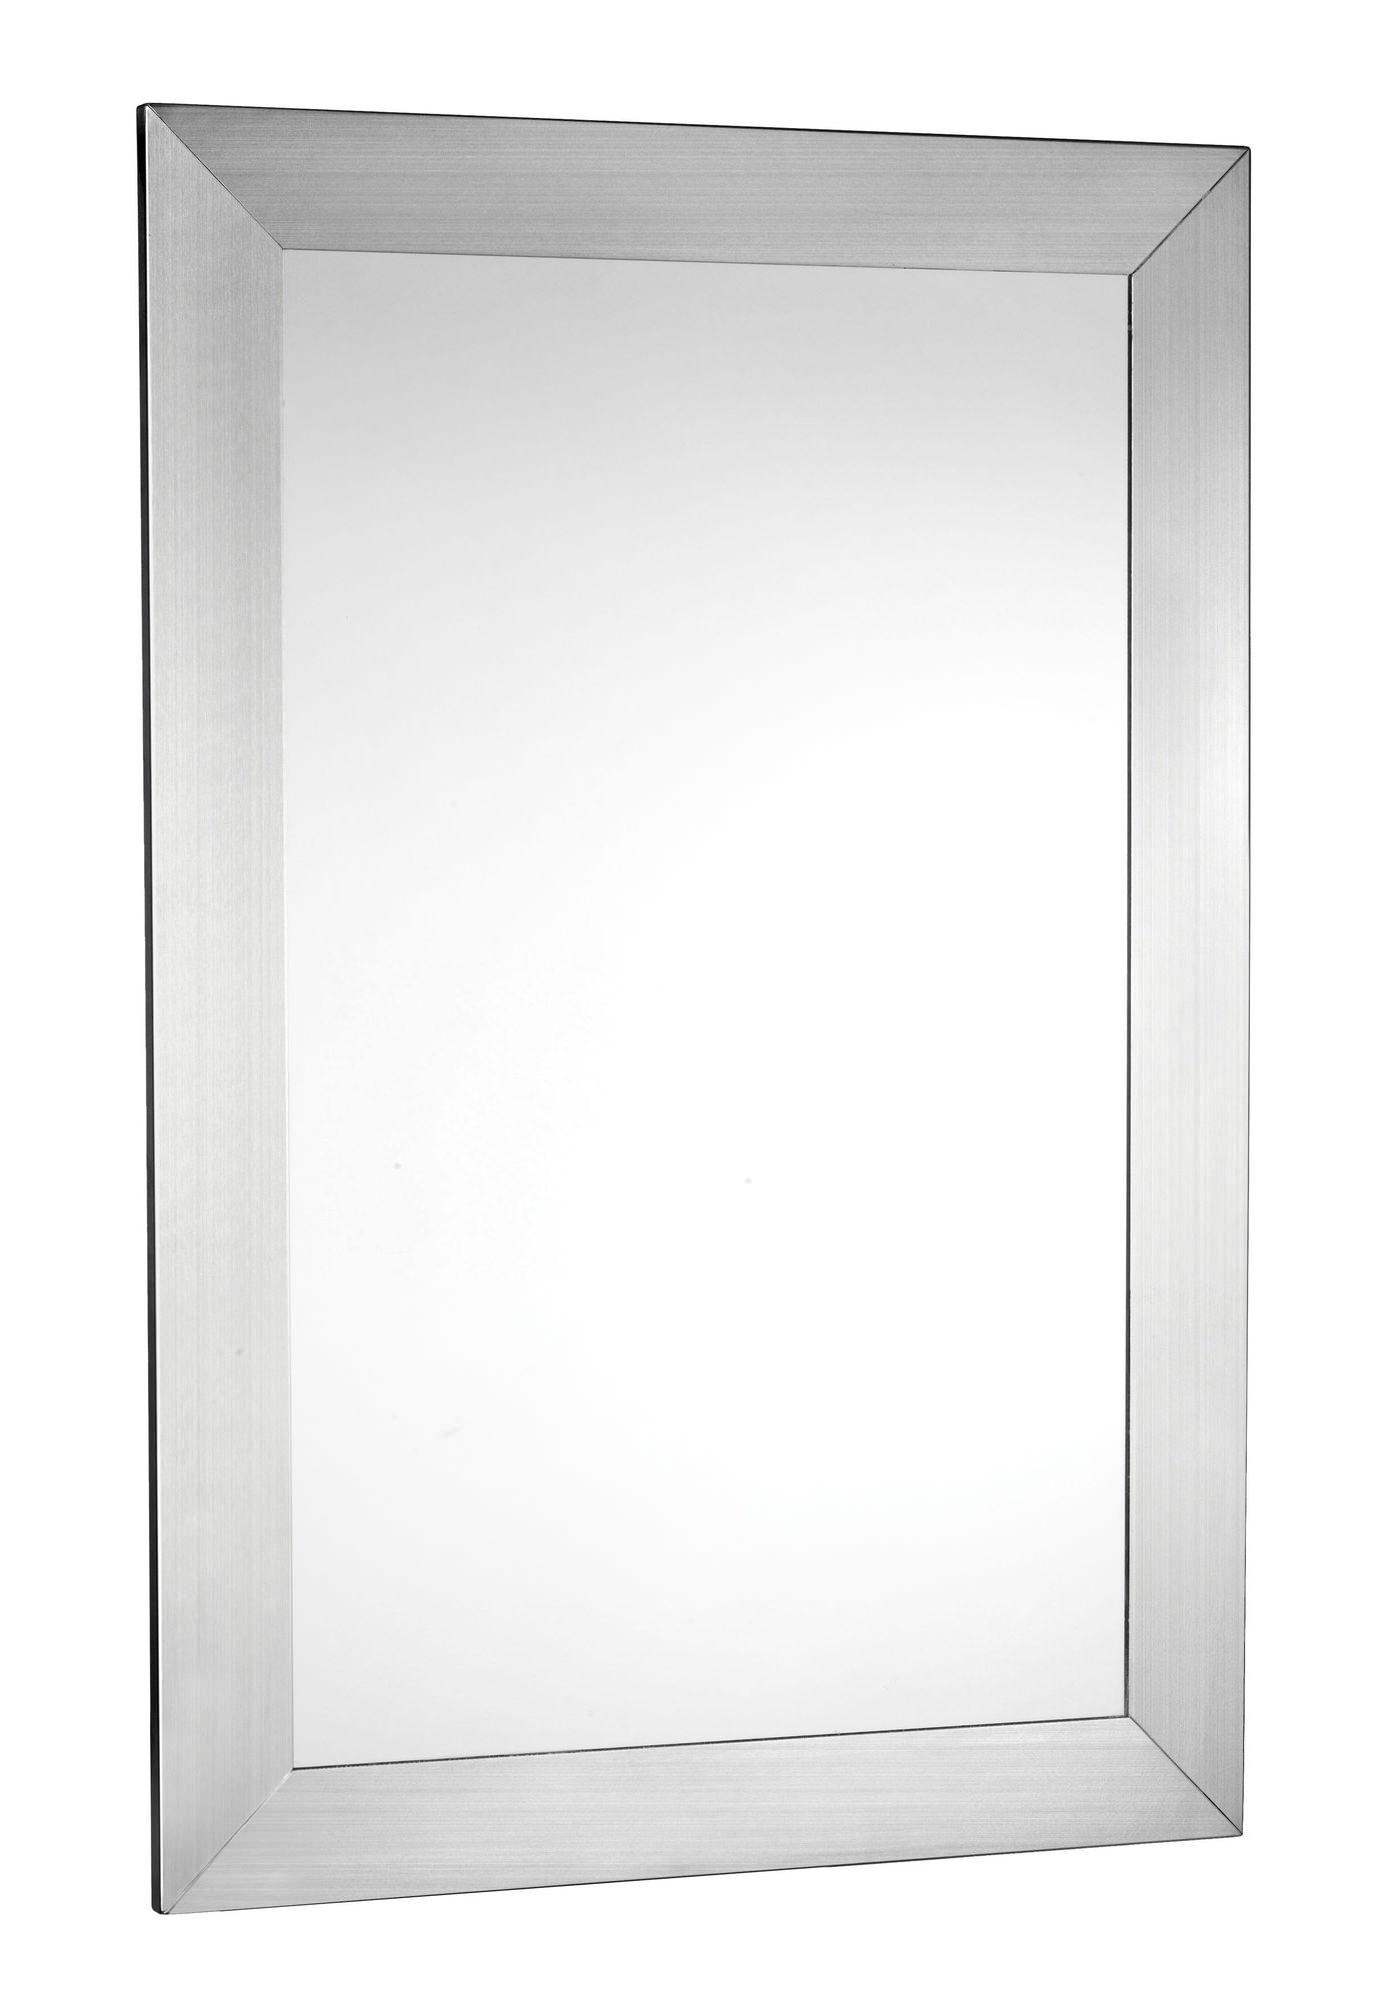 Brushed Stainless Steel Bathroom Mirror